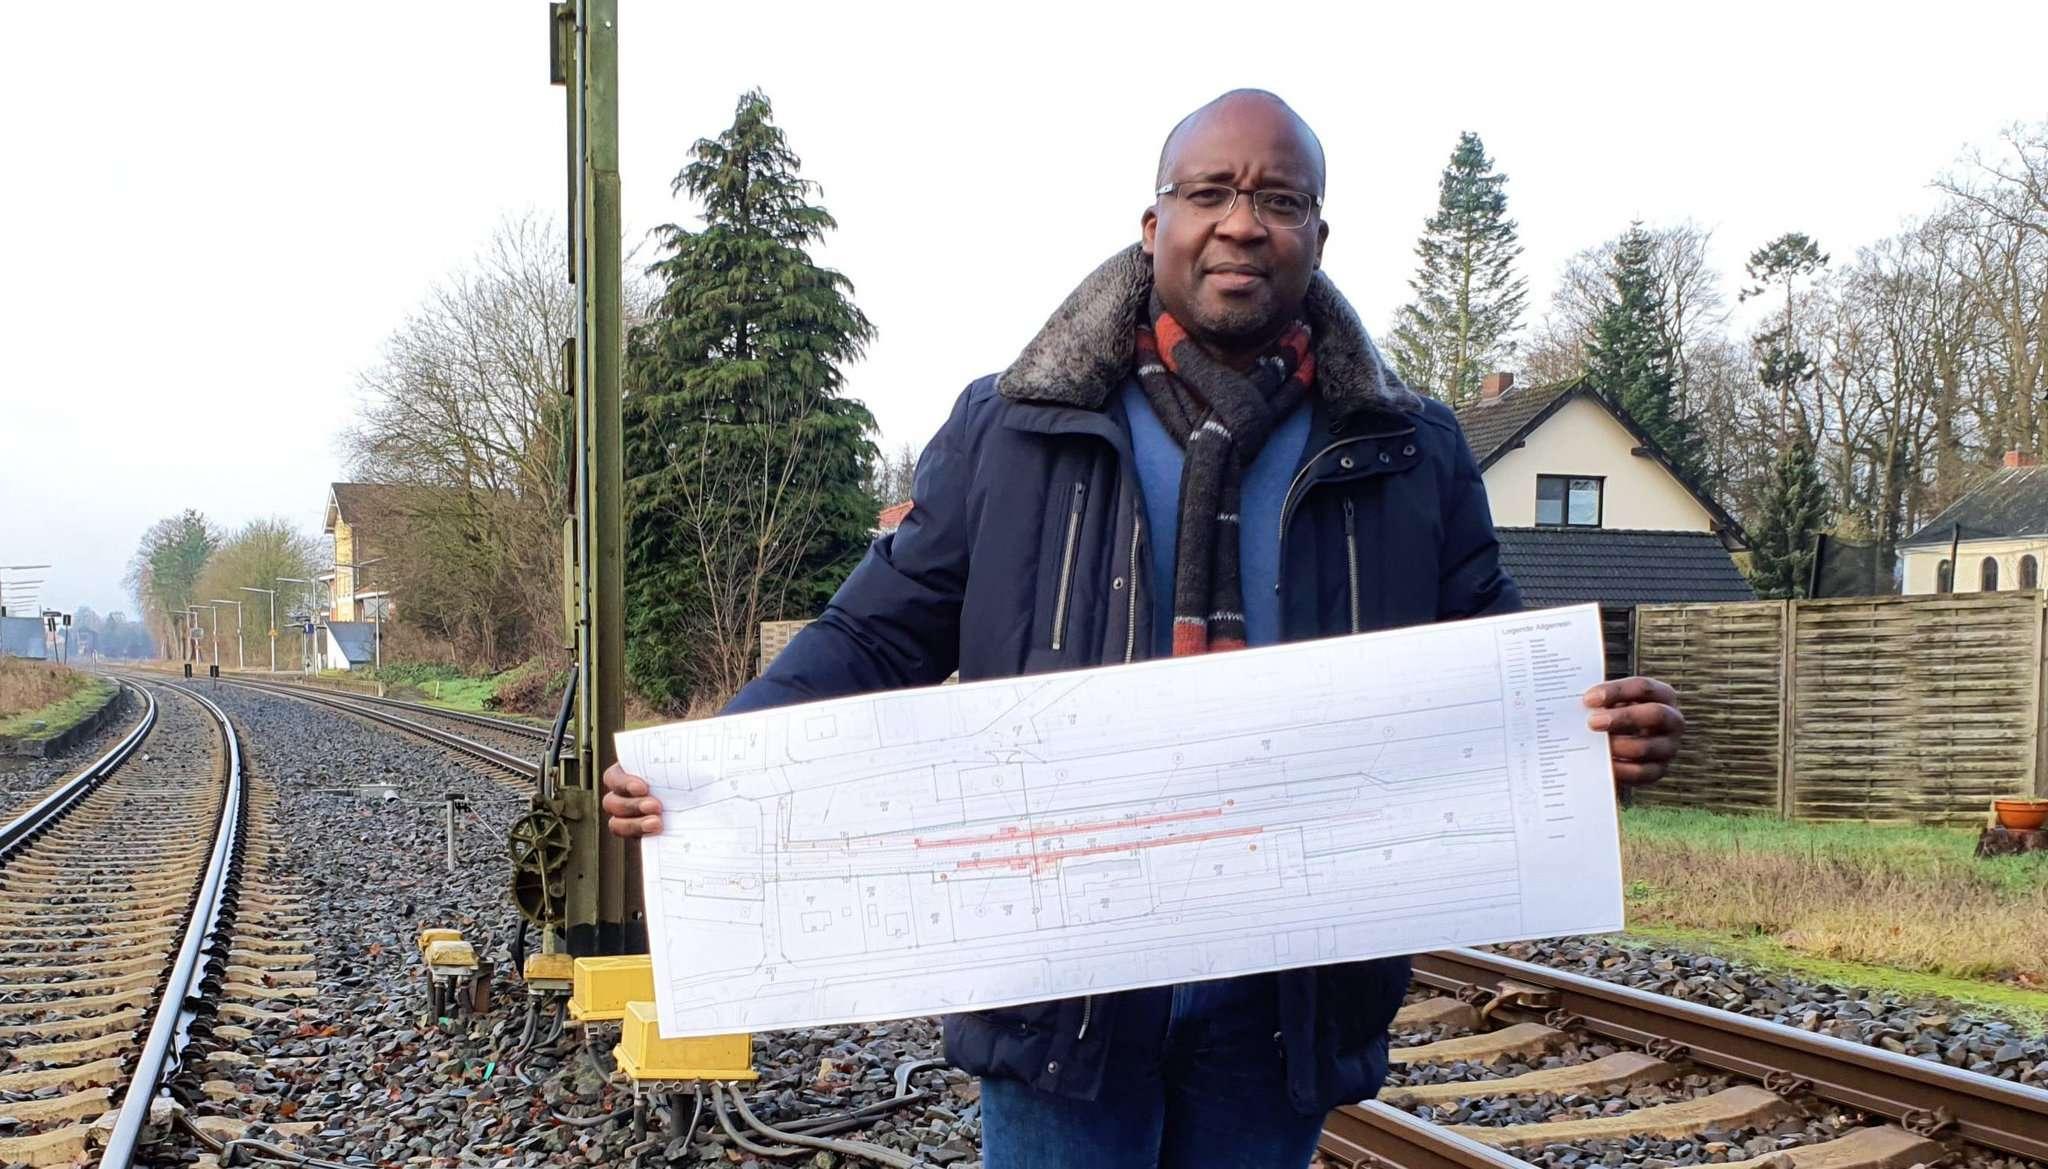 Tam Ofori-Thomas hofft, dass der Bahnhof für Reisende attraktiver wird.